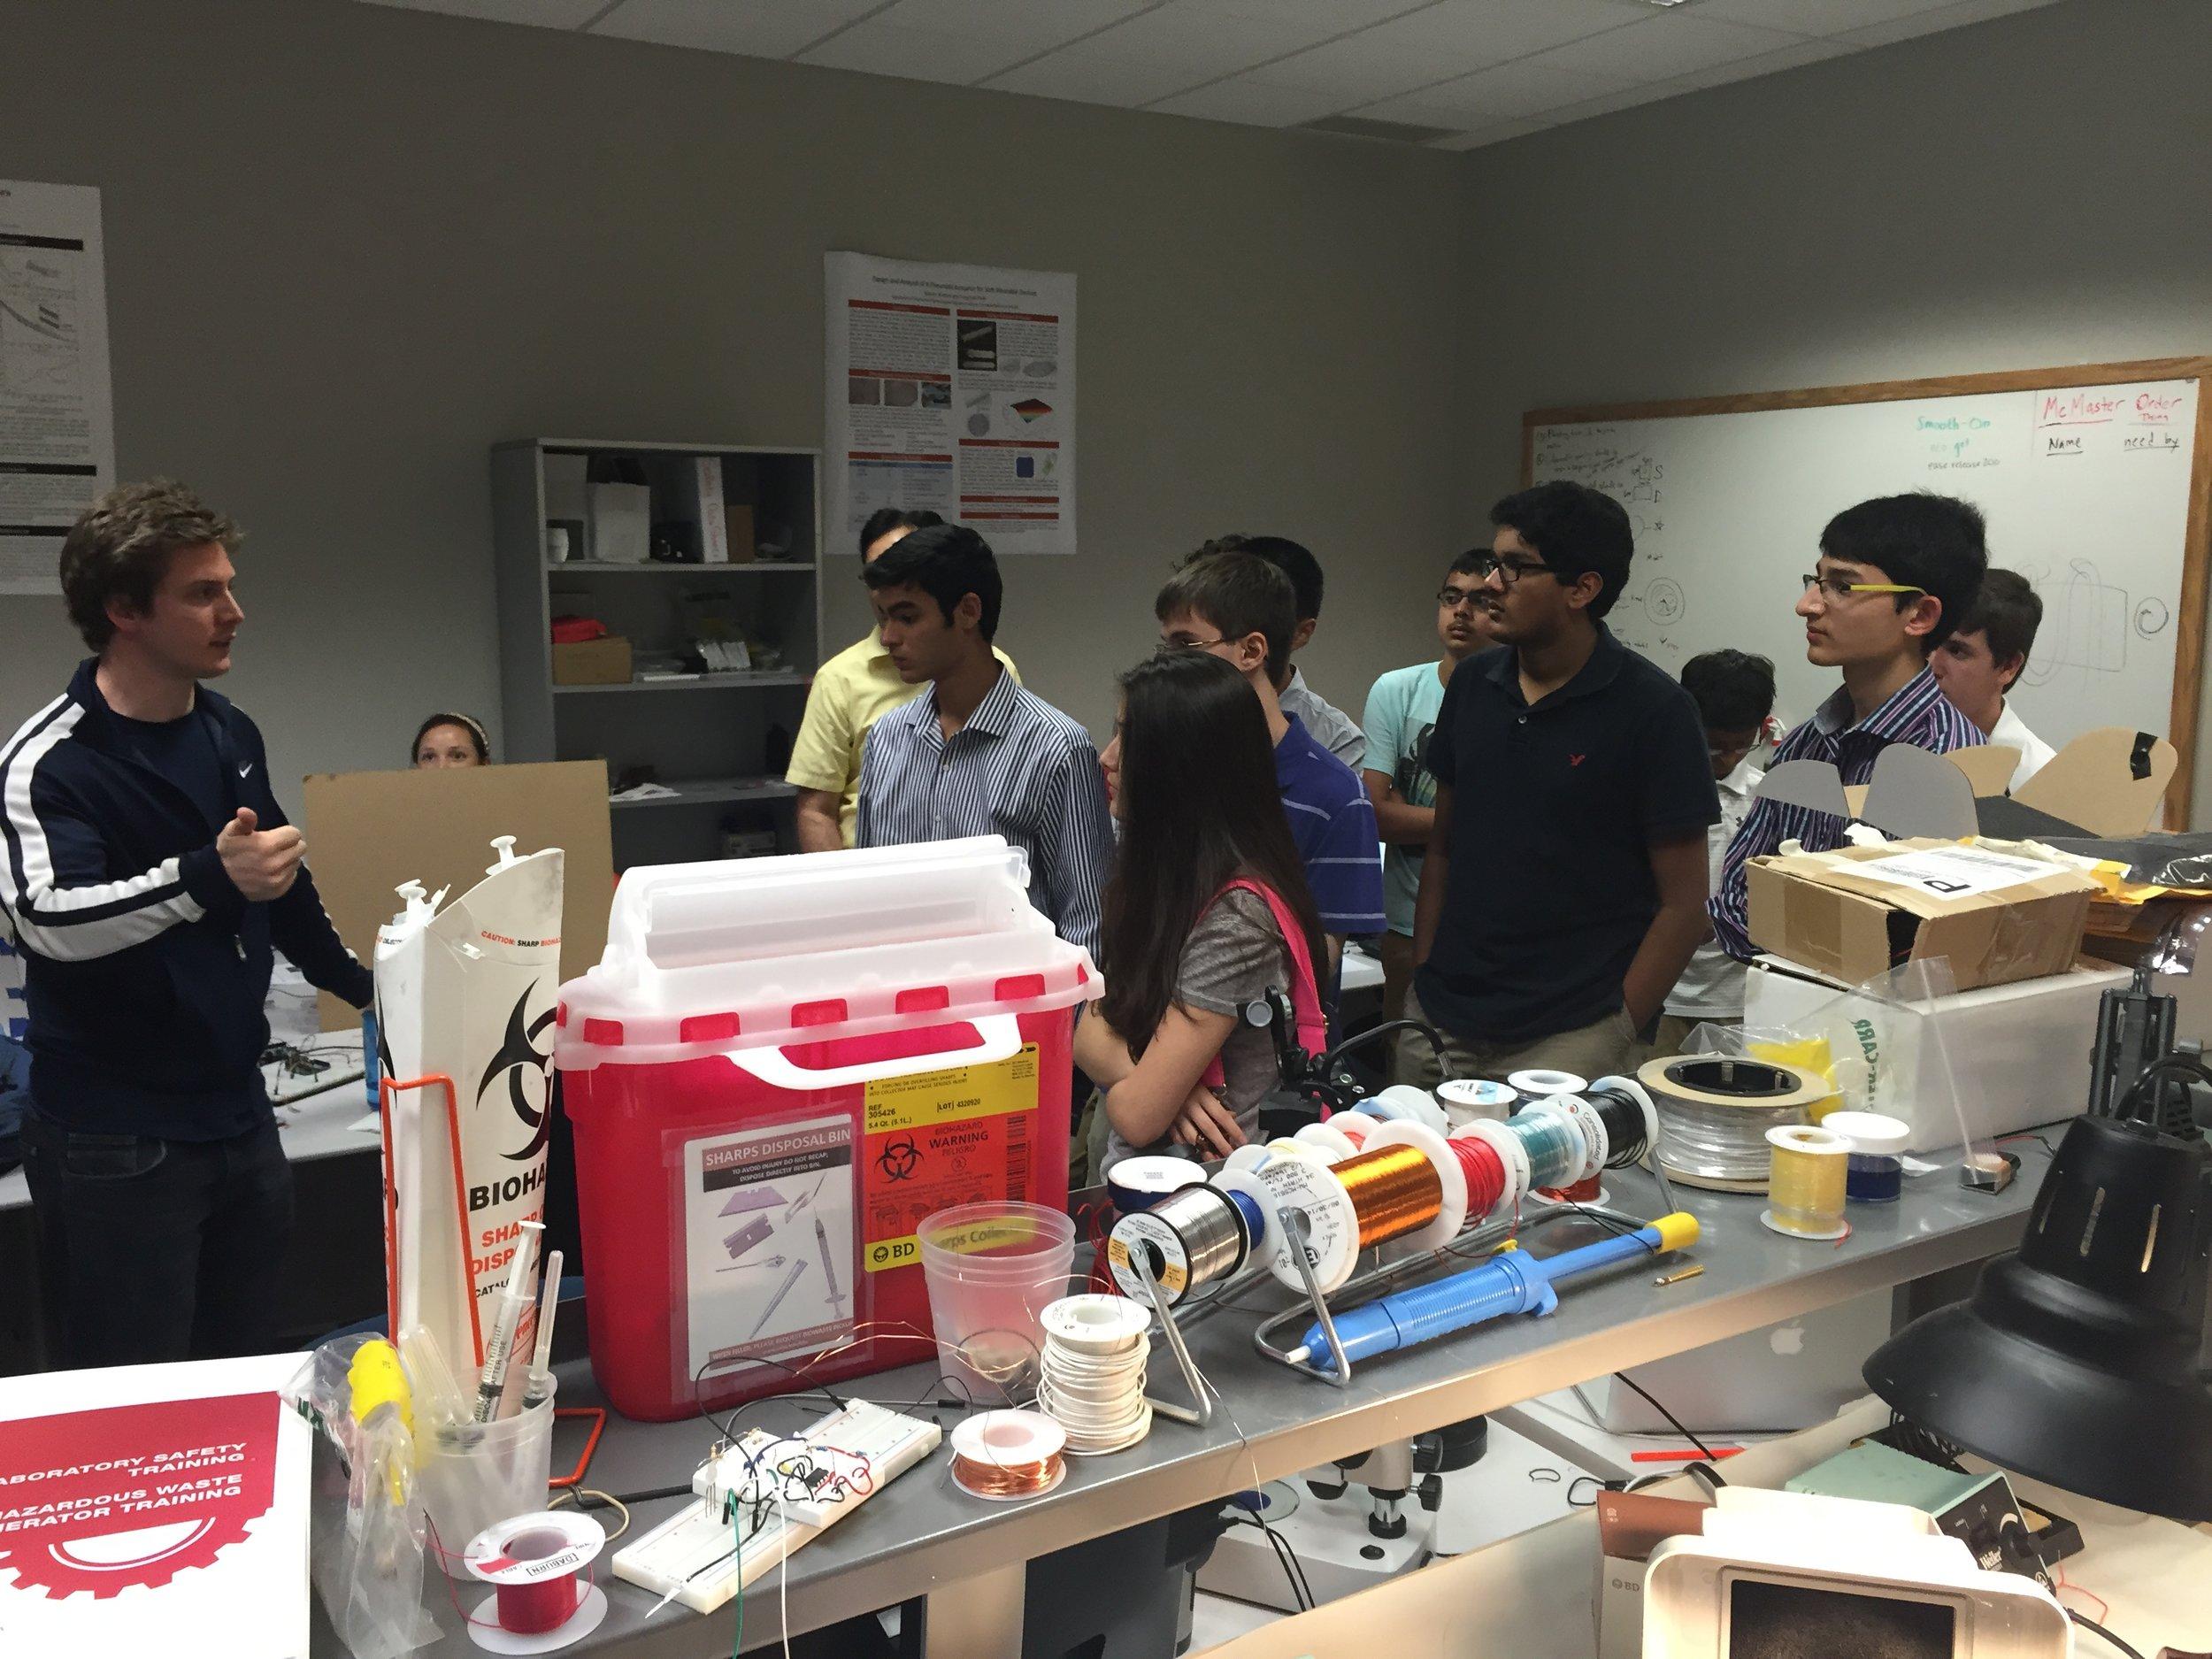 Professor Park's Soft Robotics/Bionics Lab at Carnegie Mellon University